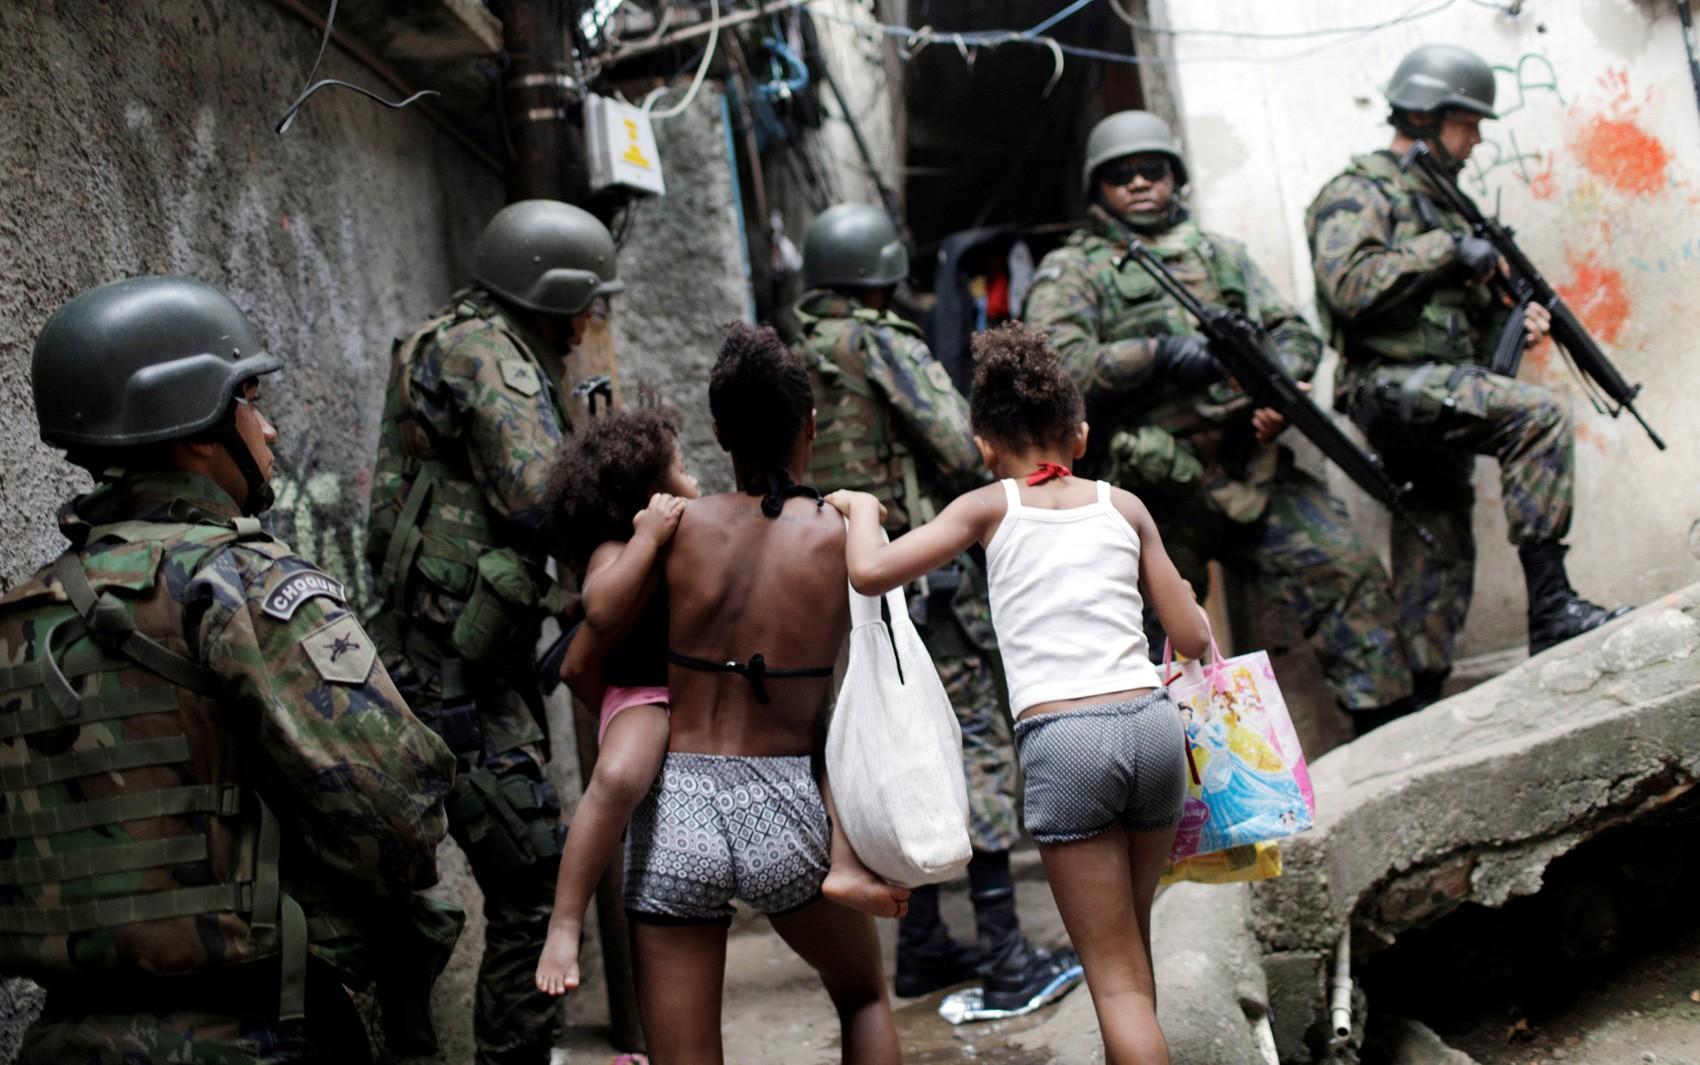 Tráfico impõe 'lei do silêncio' na Rocinha, dizem moradores